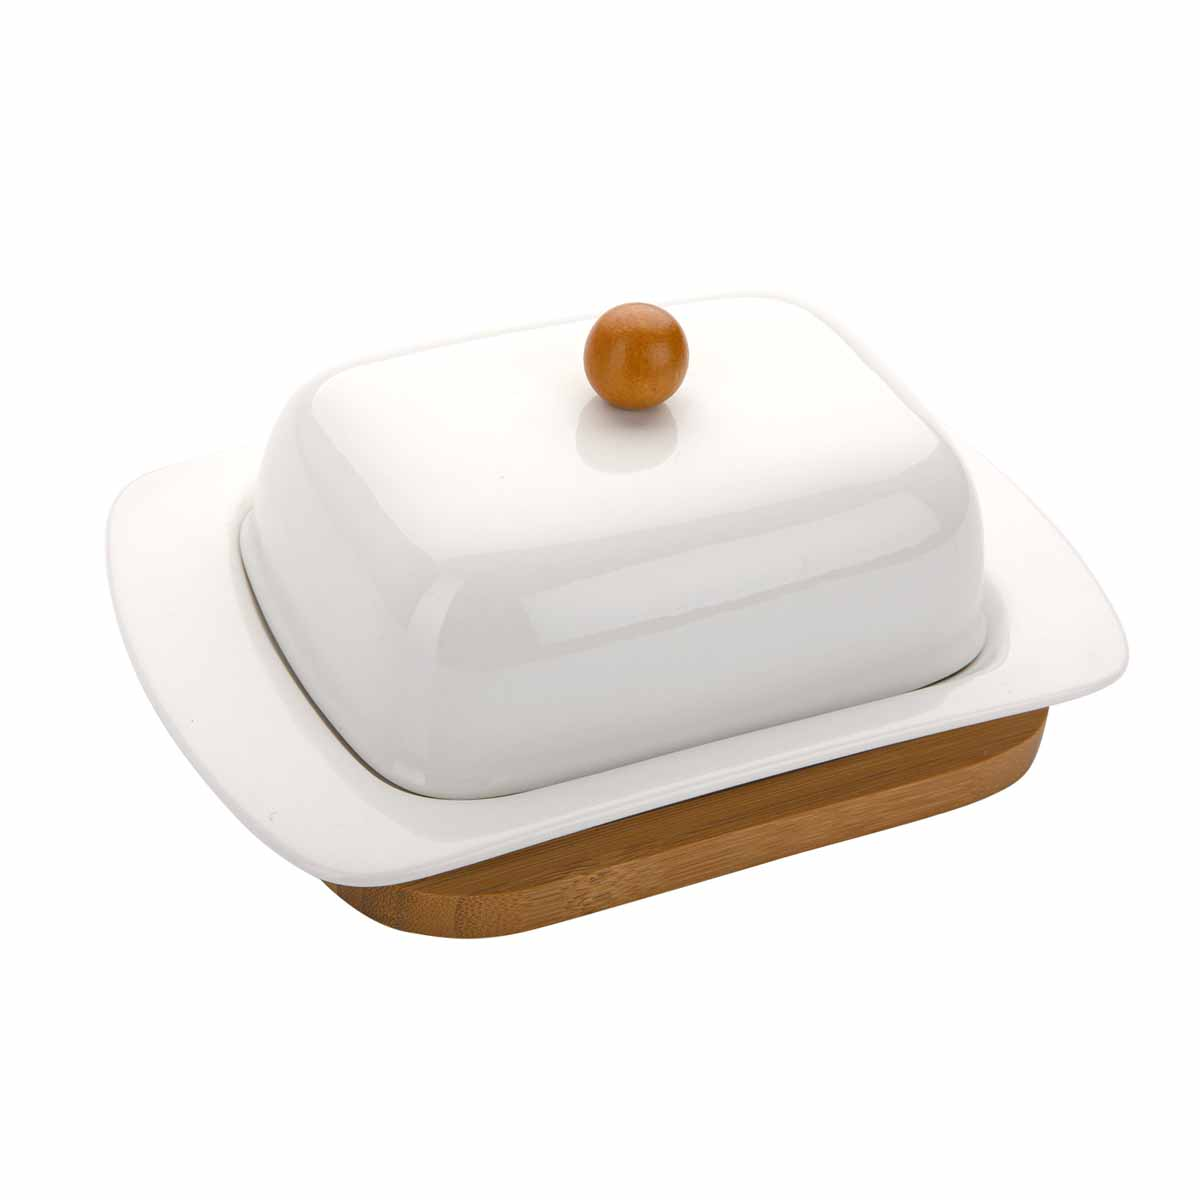 Масленка Dekok, на подставкеPW-2709Масленка Dekok, выполненная из высококачественного фарфора, предназначена для красивой сервировки и хранения масла. Изделие размещено на подставке из бамбука. Благодаря экологичным материалам, масло в такой масленке долго остается свежим, а при хранении в холодильнике не впитывает посторонние запахи. Масленка Dekok станет незаменимой на вашей кухне.Размер масленки (с учетом крышки): 18,5 см х 12 см х 8 см.Размер подставки: 16 см х 12,5 см х 1,1 см.